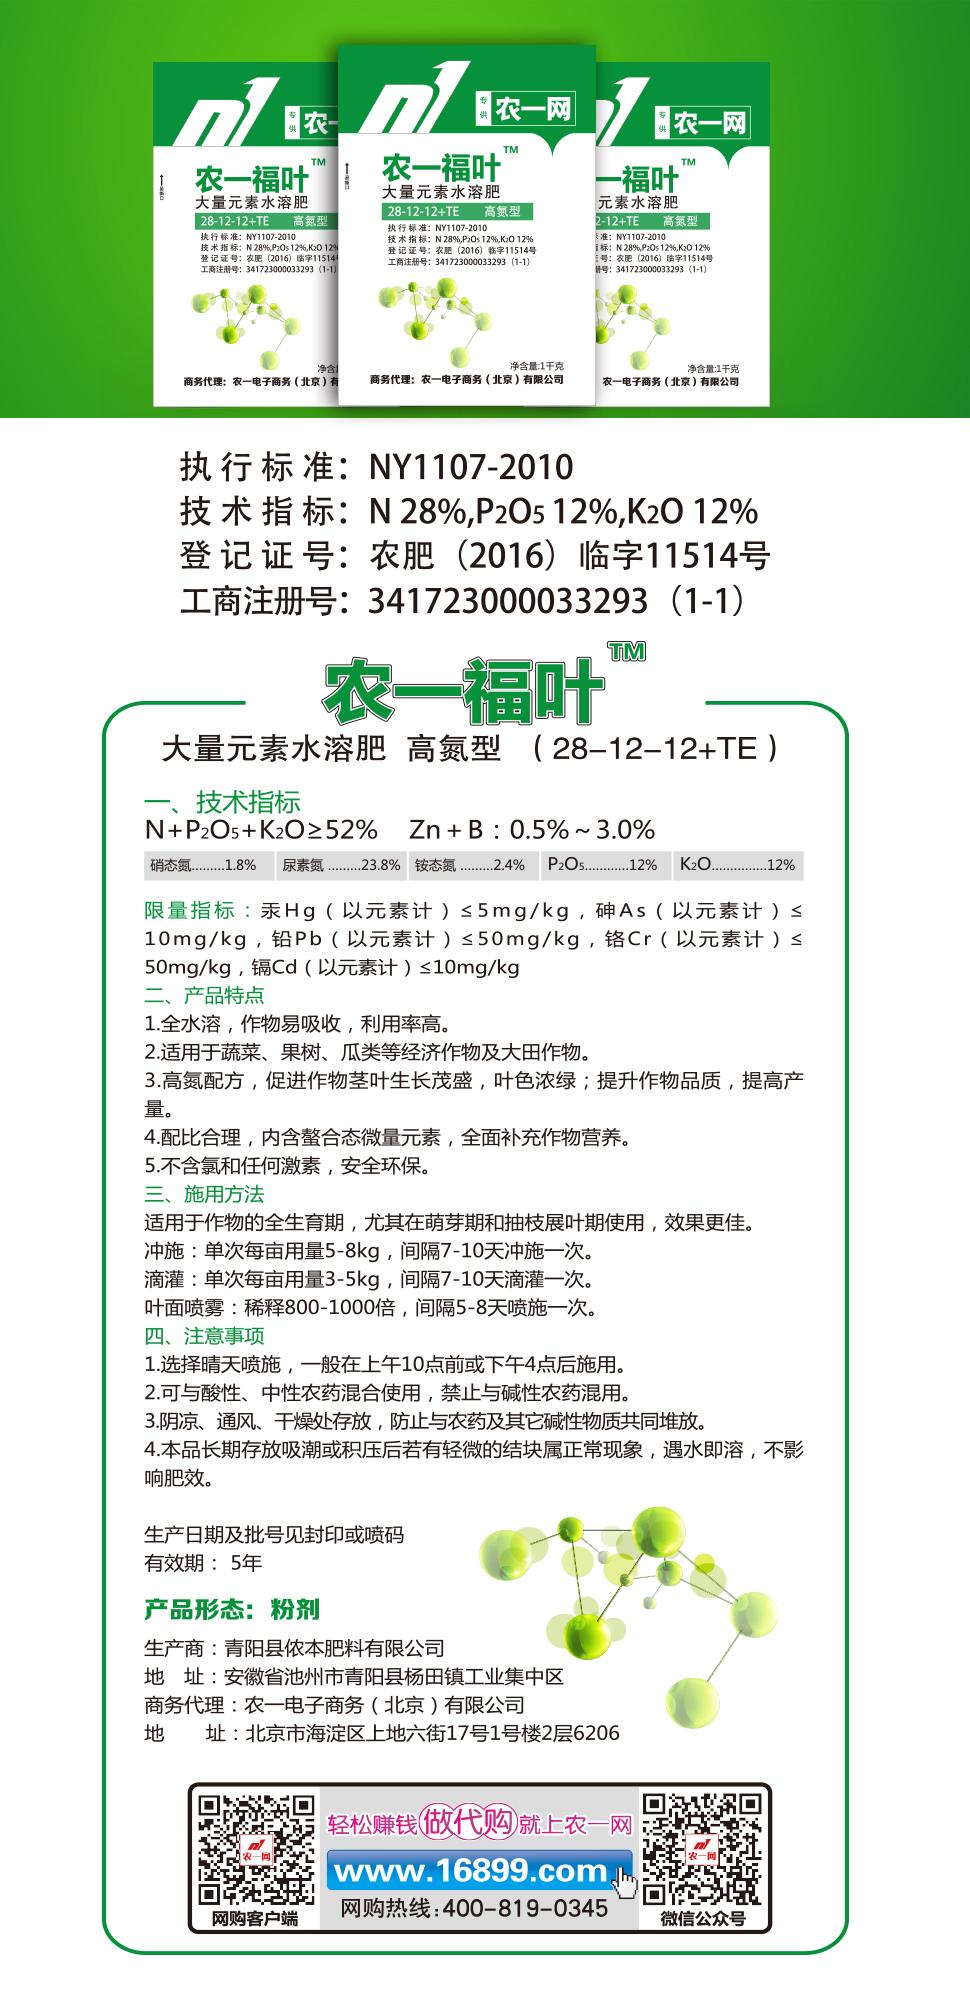 大量元素水溶肥(高氮)28-12-12+TE